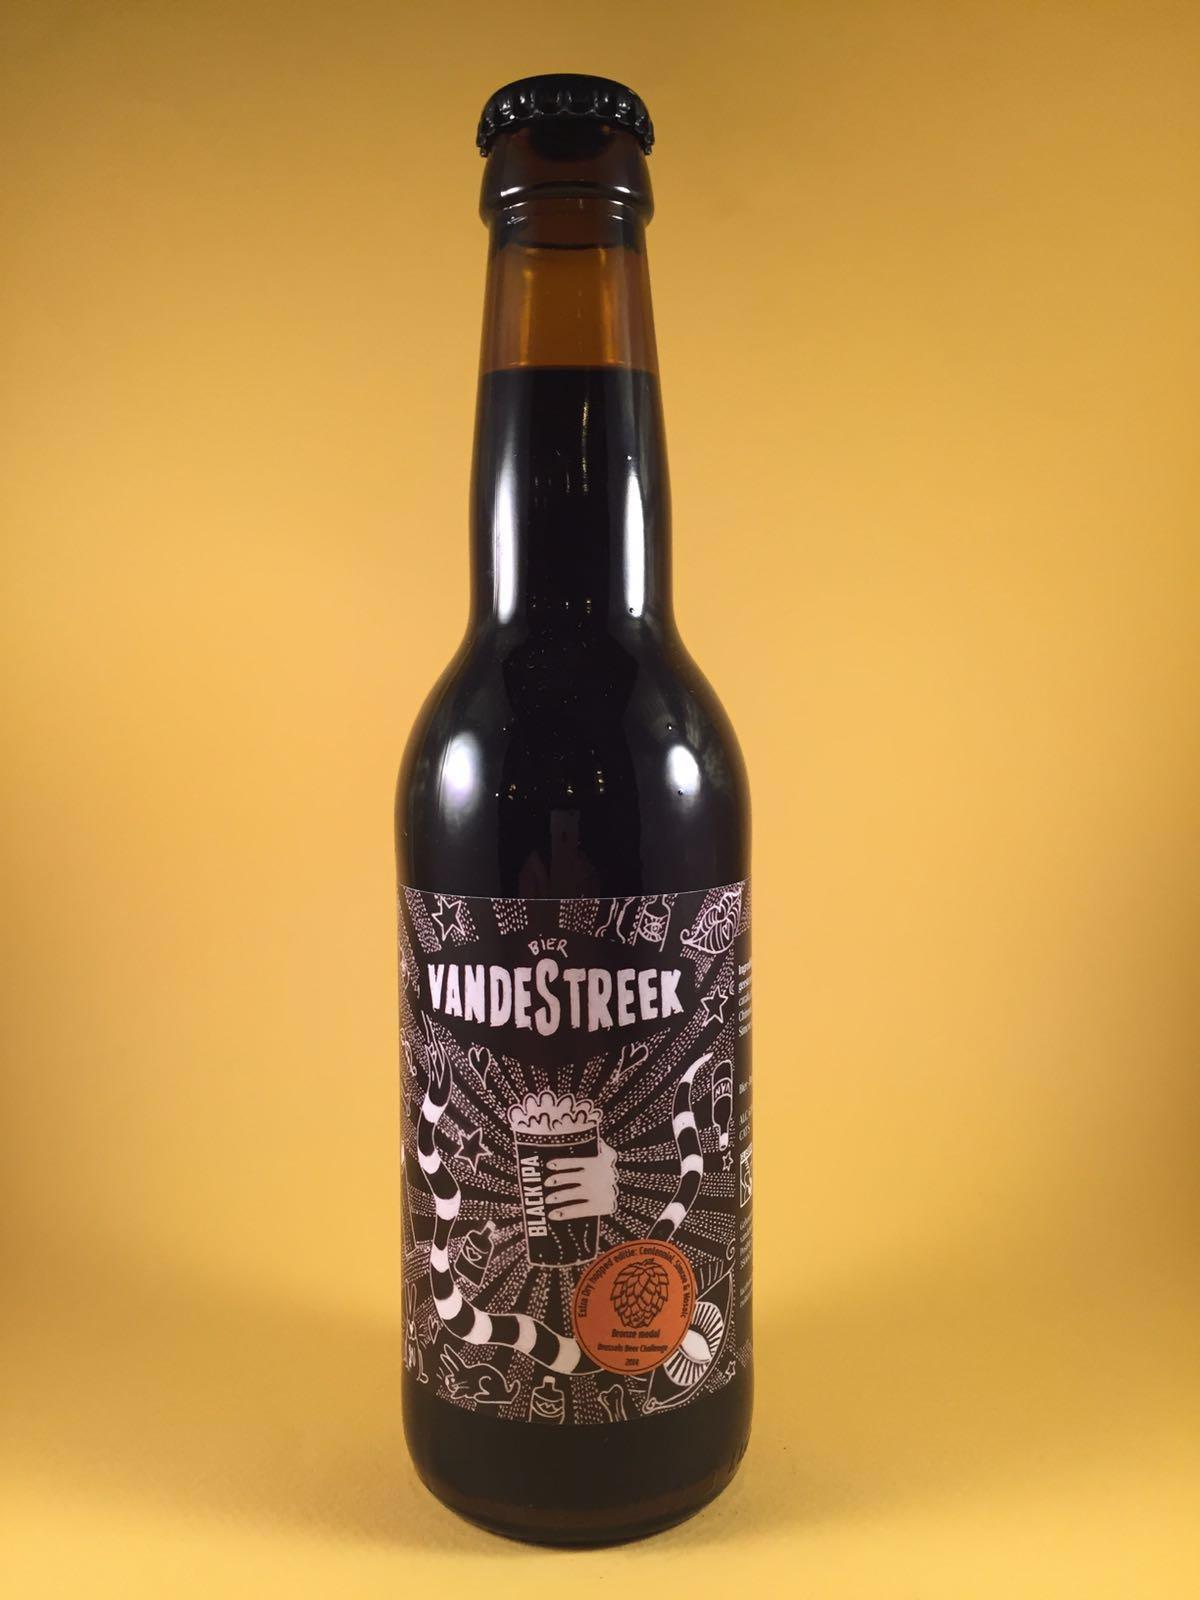 De kleur doet denken aan een Stout. Door de donkere kleur verwacht je een heftige smaak maar dit bier heeft een fris zuurtje, ontzettend aangenaam. In het bier zijn tonen van drop en laurier in de verte terug te vinden. Het bier heeft een alcoholpercentage van 6,8%. Advies serveer temperatuur: 6 a 7 graden